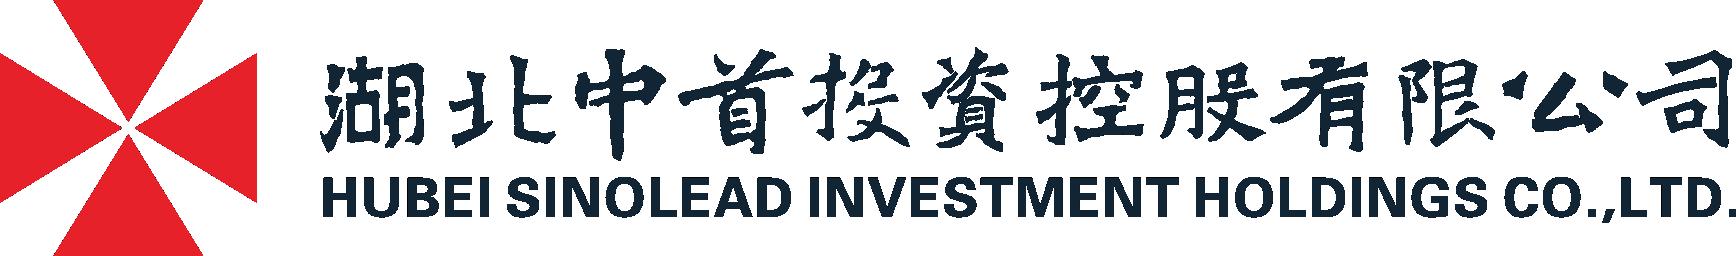 天天彩票app下载安装投资